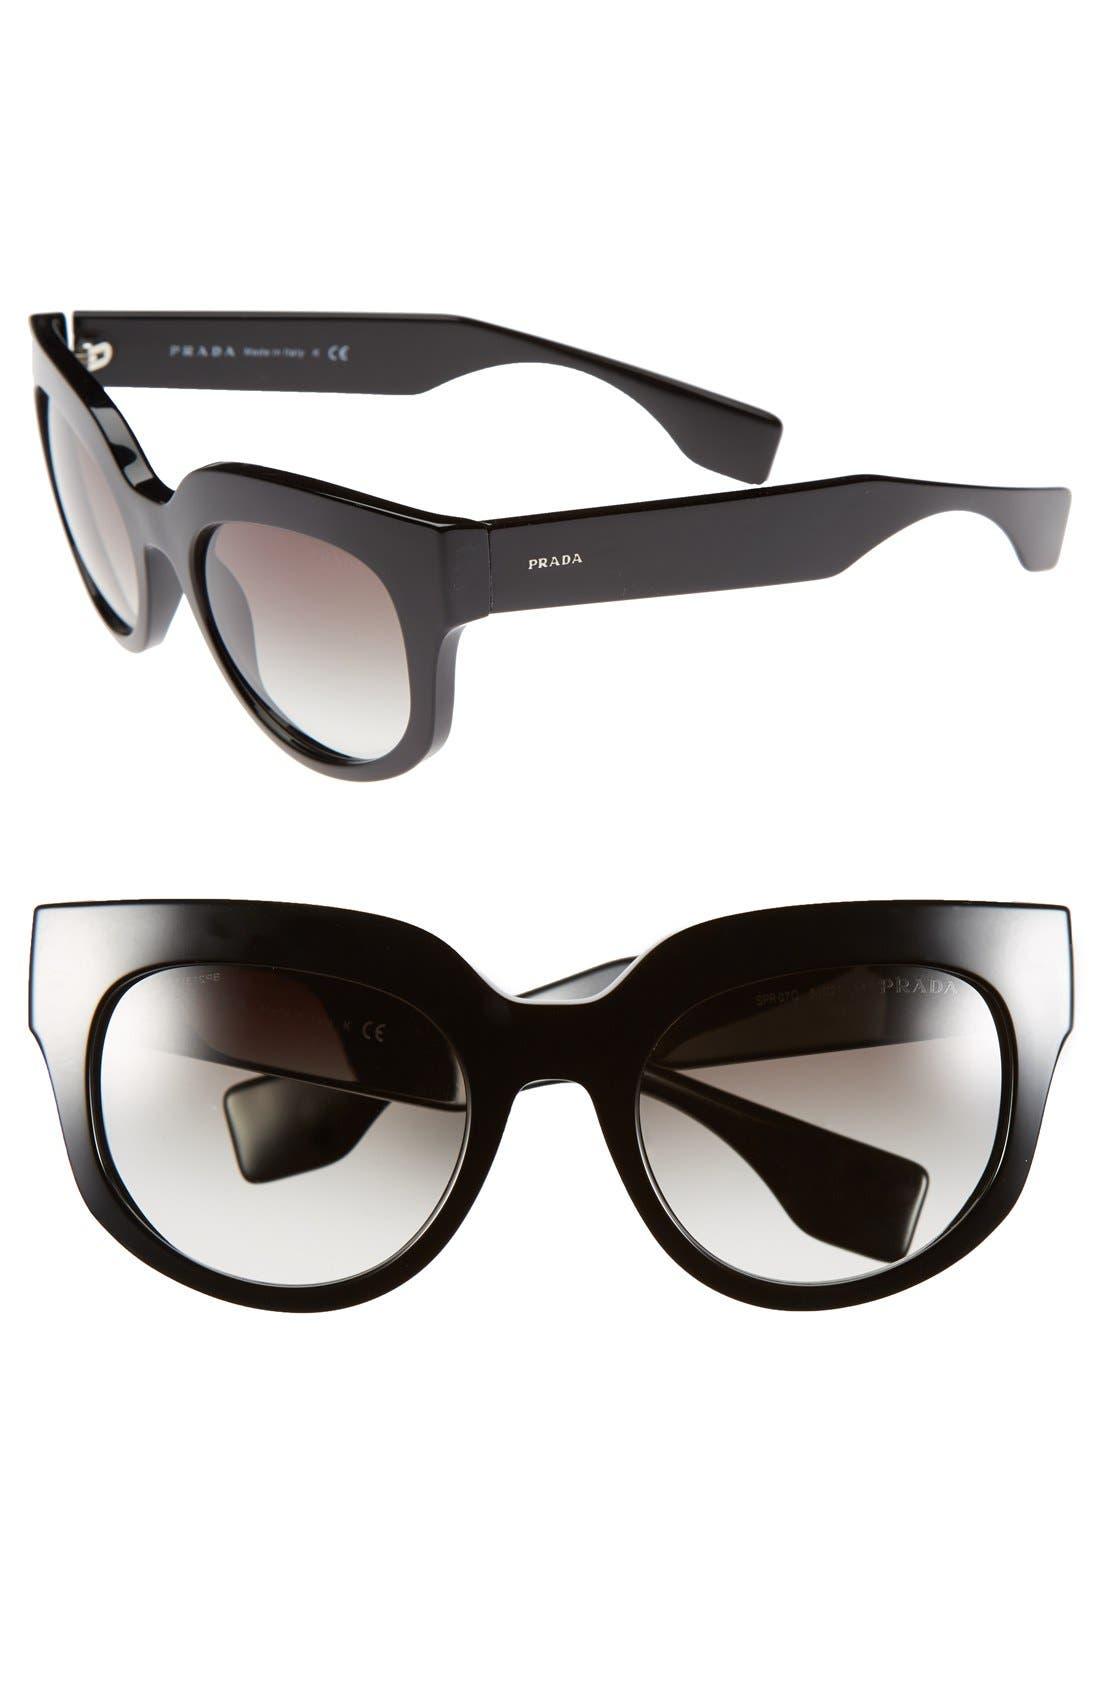 Alternate Image 1 Selected - Prada 52mm Sunglasses